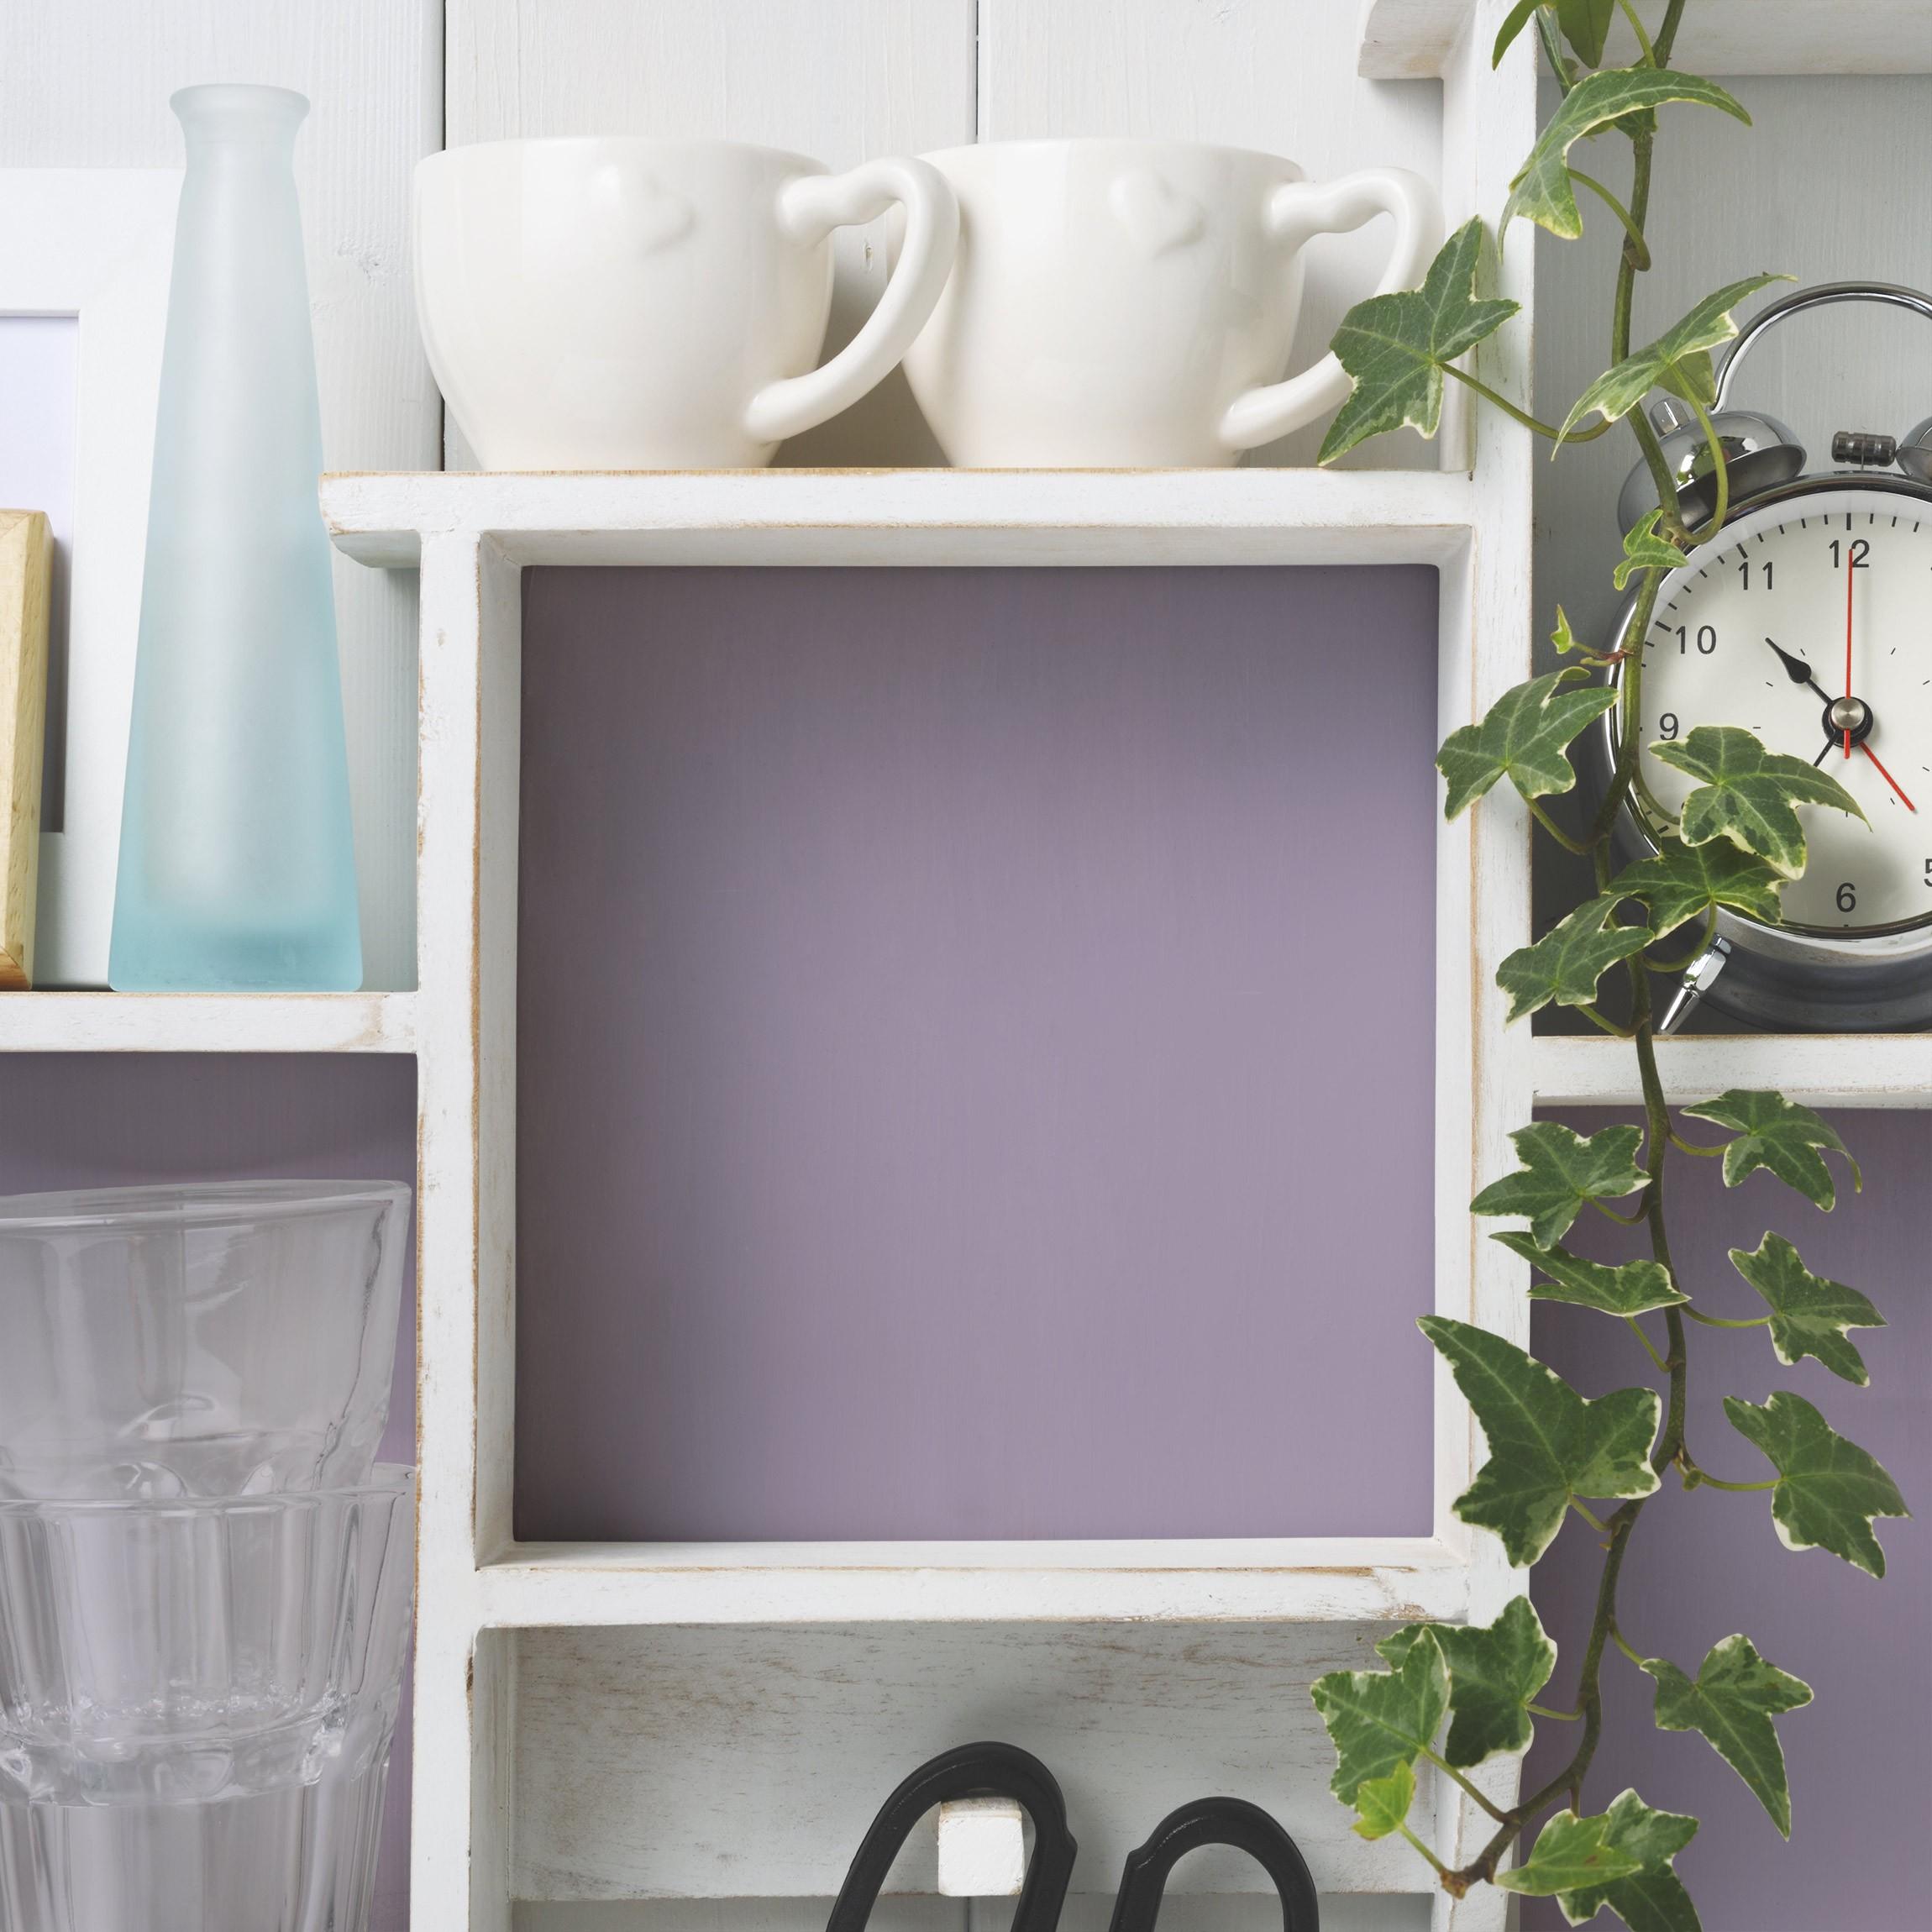 Carta adesiva per mobili colour lavender for Carta adesiva mobili